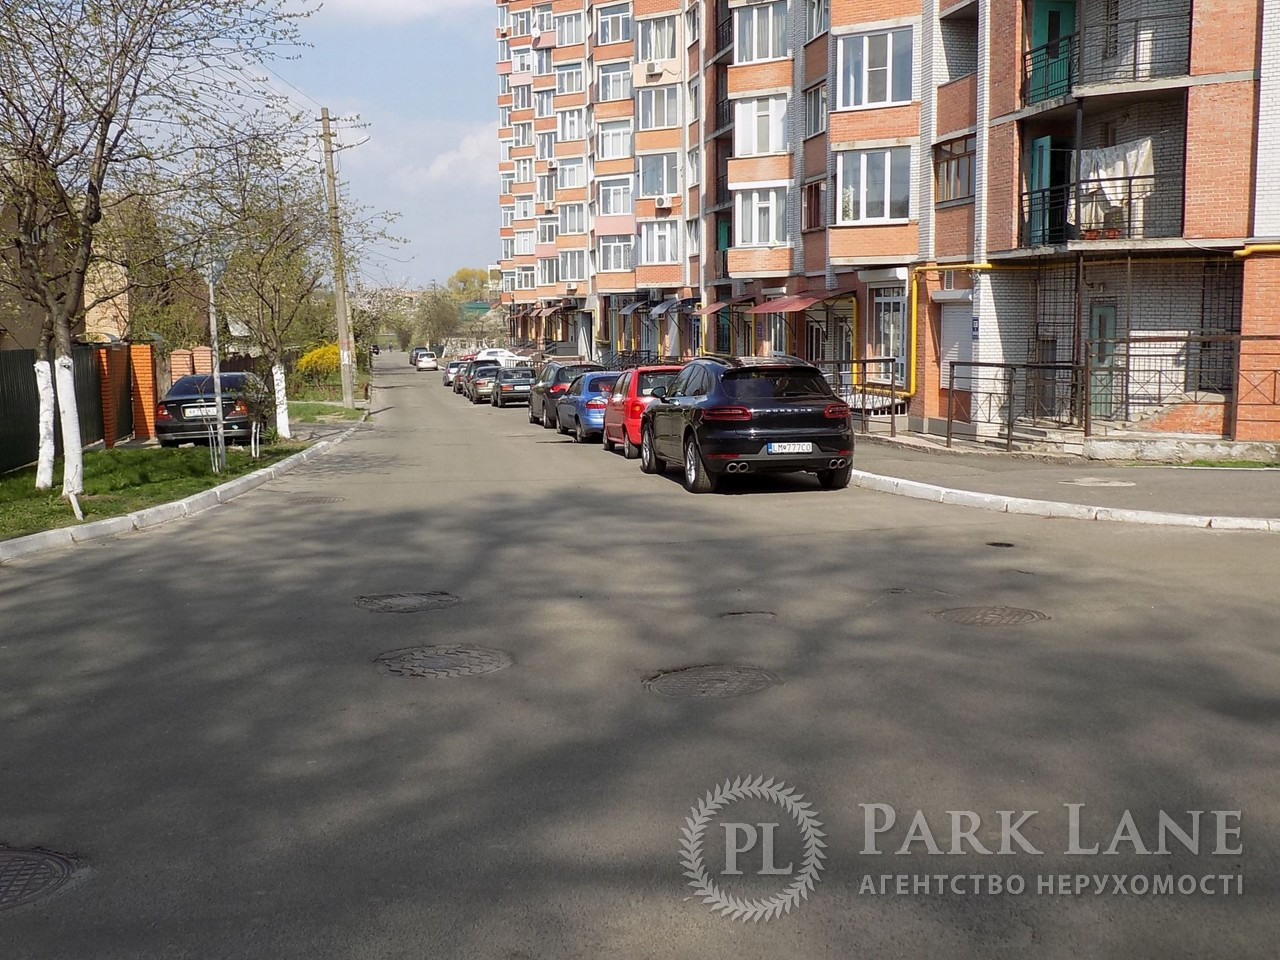 Стоматологія, I-27488, Хмельницька, Київ - Фото 4